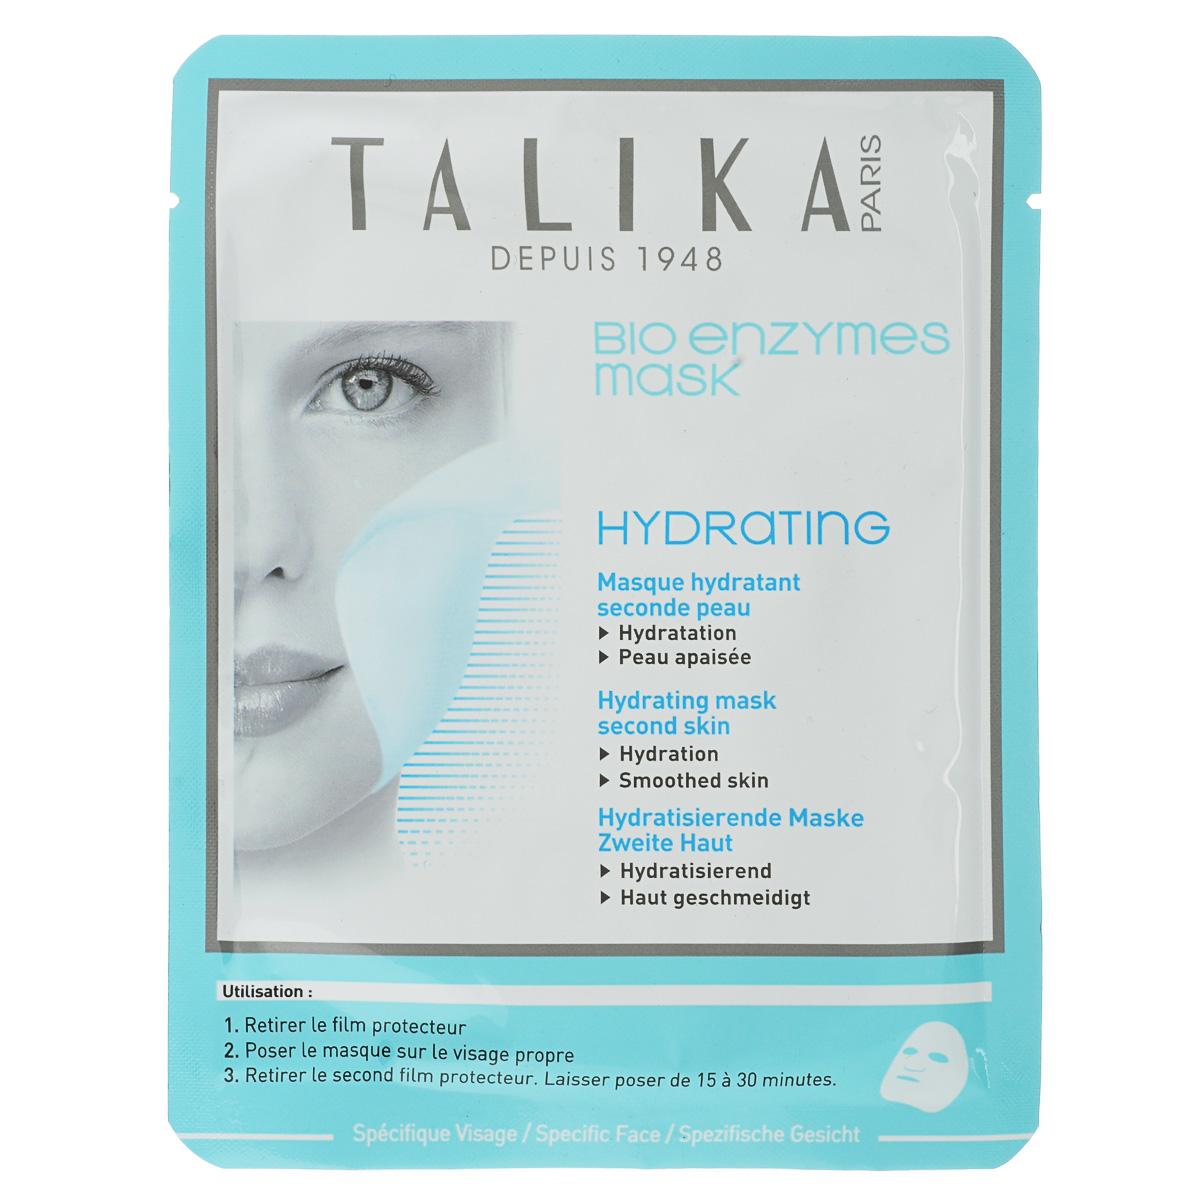 Talika Увлажняющая маска для лица Bio Enzymes, 20 гFS-36054Увлажняющая маска для лица Bio Enzymes. Насыщенная задерживающим влагу сахаром маска обогащает кожу влагой. Экстракты альпийских цветов успокаивают кожу.